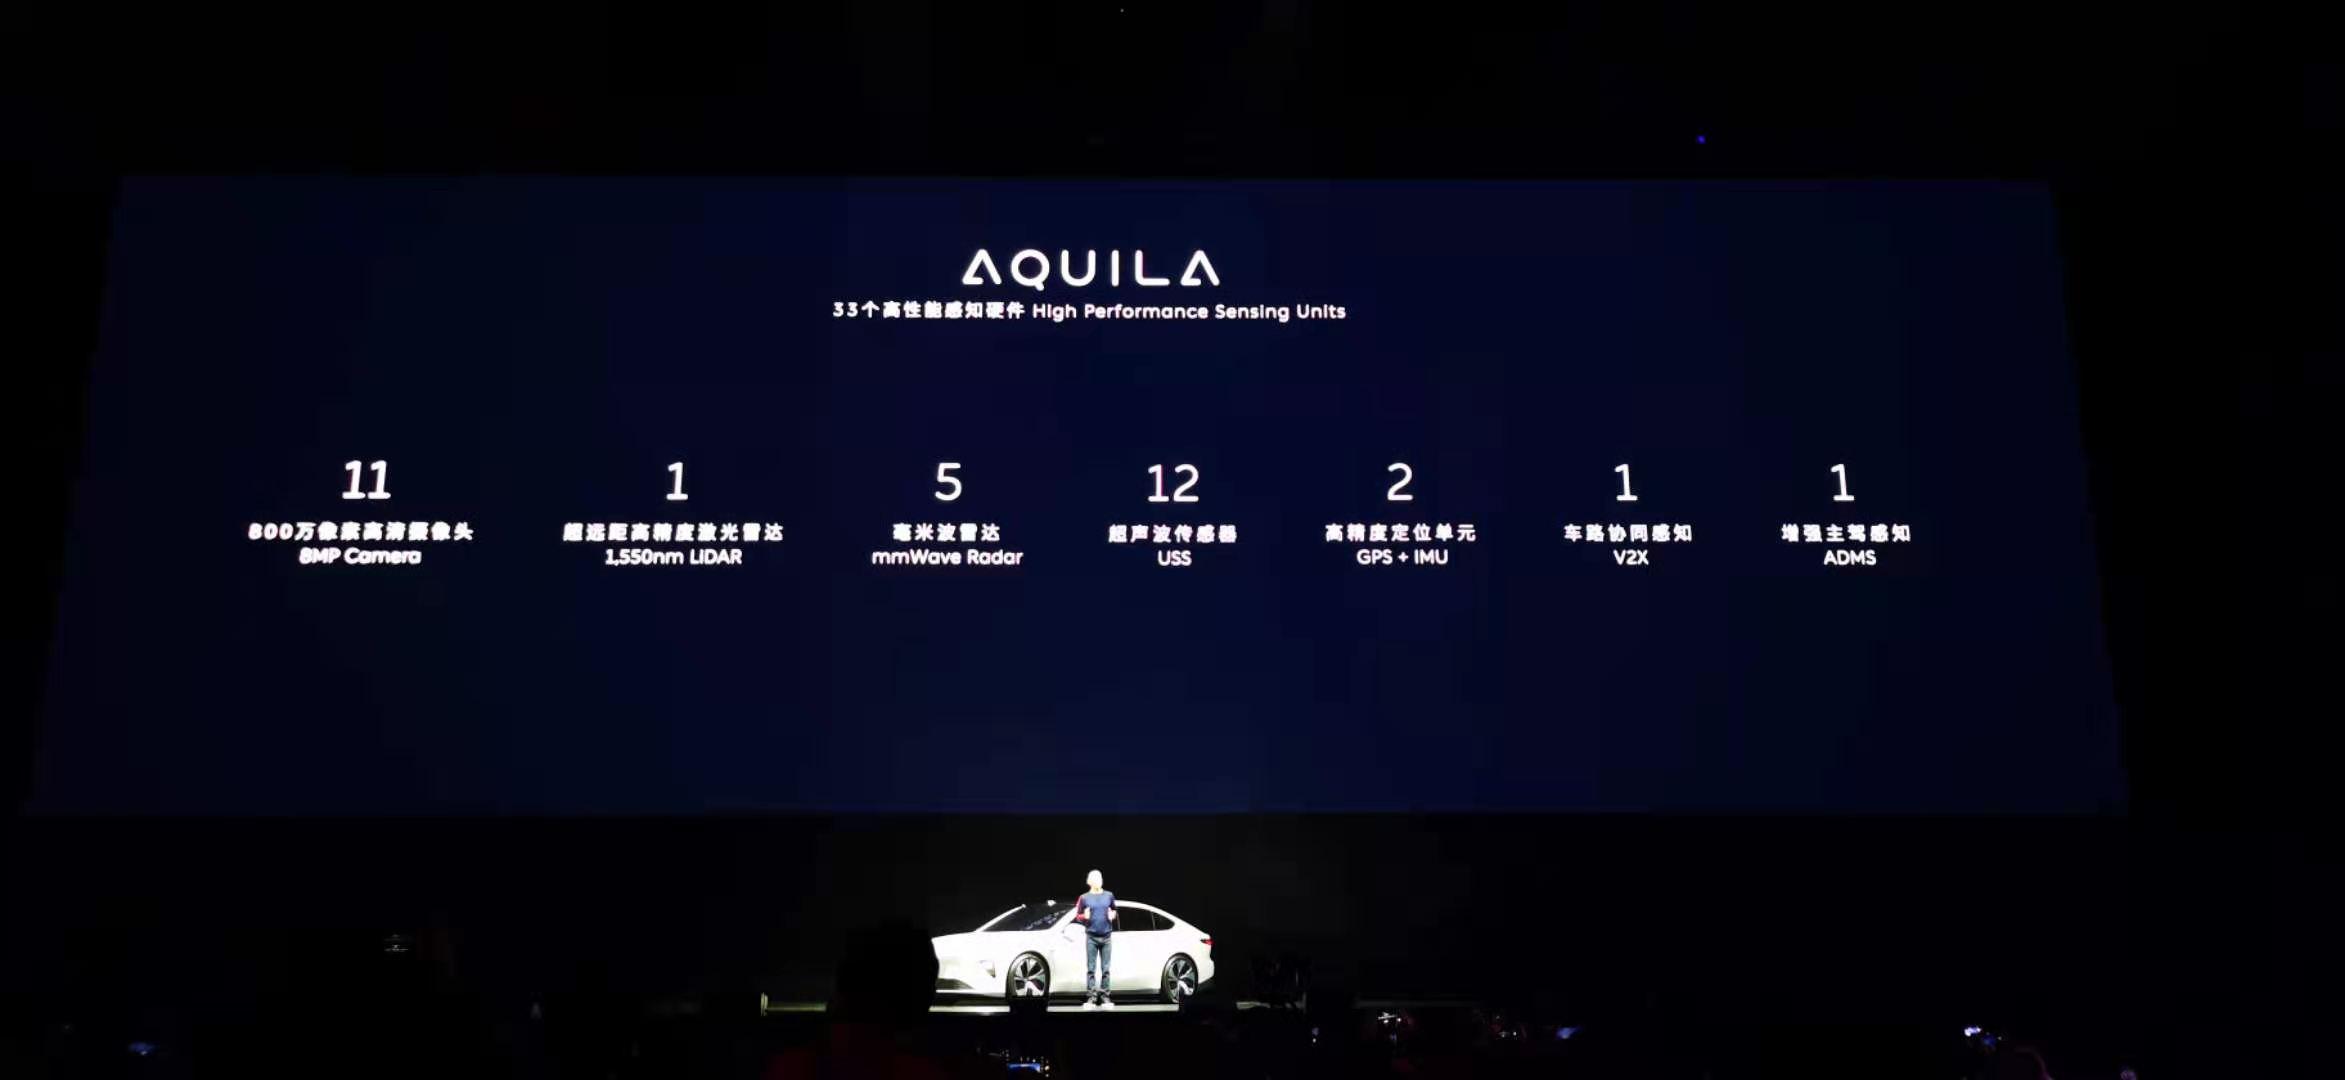 蔚来发布重磅新车:激光雷达成亮点 概念股名单来了